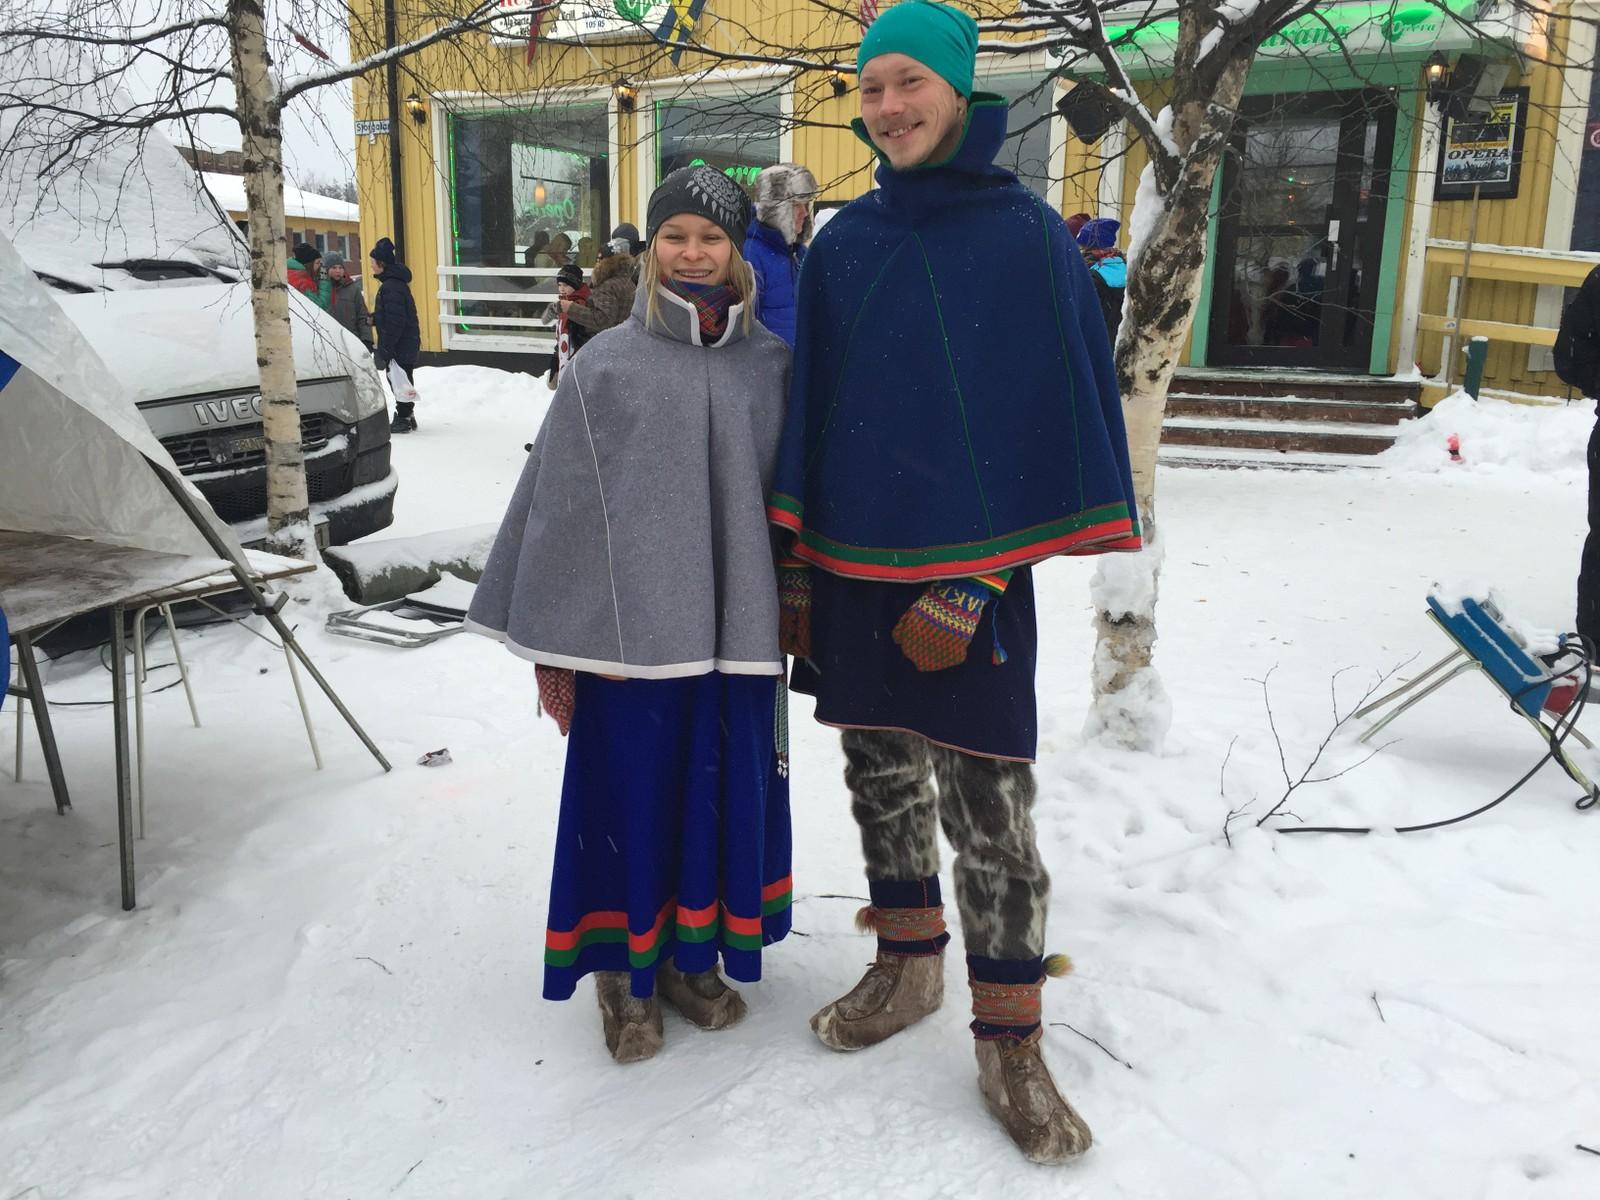 Janni Staffansson fra Idre og Keira Pavval fra Jokkmokk feirer nasjonaldagen blant annet ved å delta på samedansen senere på kvelden.